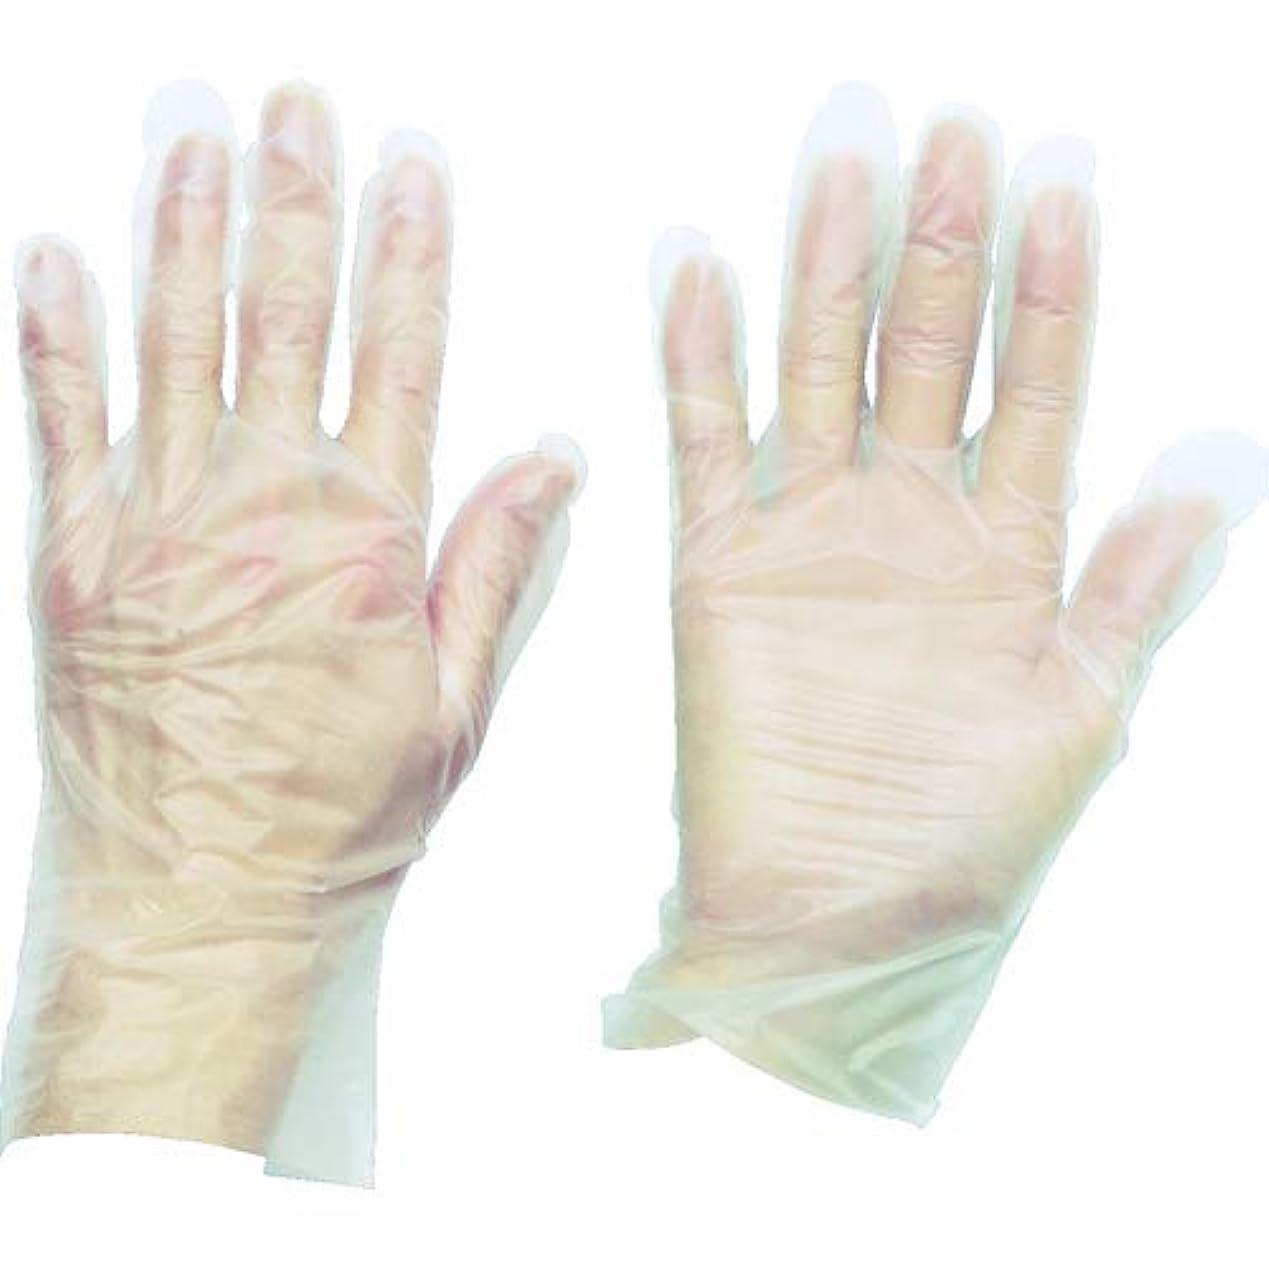 捨てる箱生活トラスコ中山 株 TRUSCO ポリエチレン 使い捨て手袋 ウェーブカットタイプS 100枚入 TGCPE025S